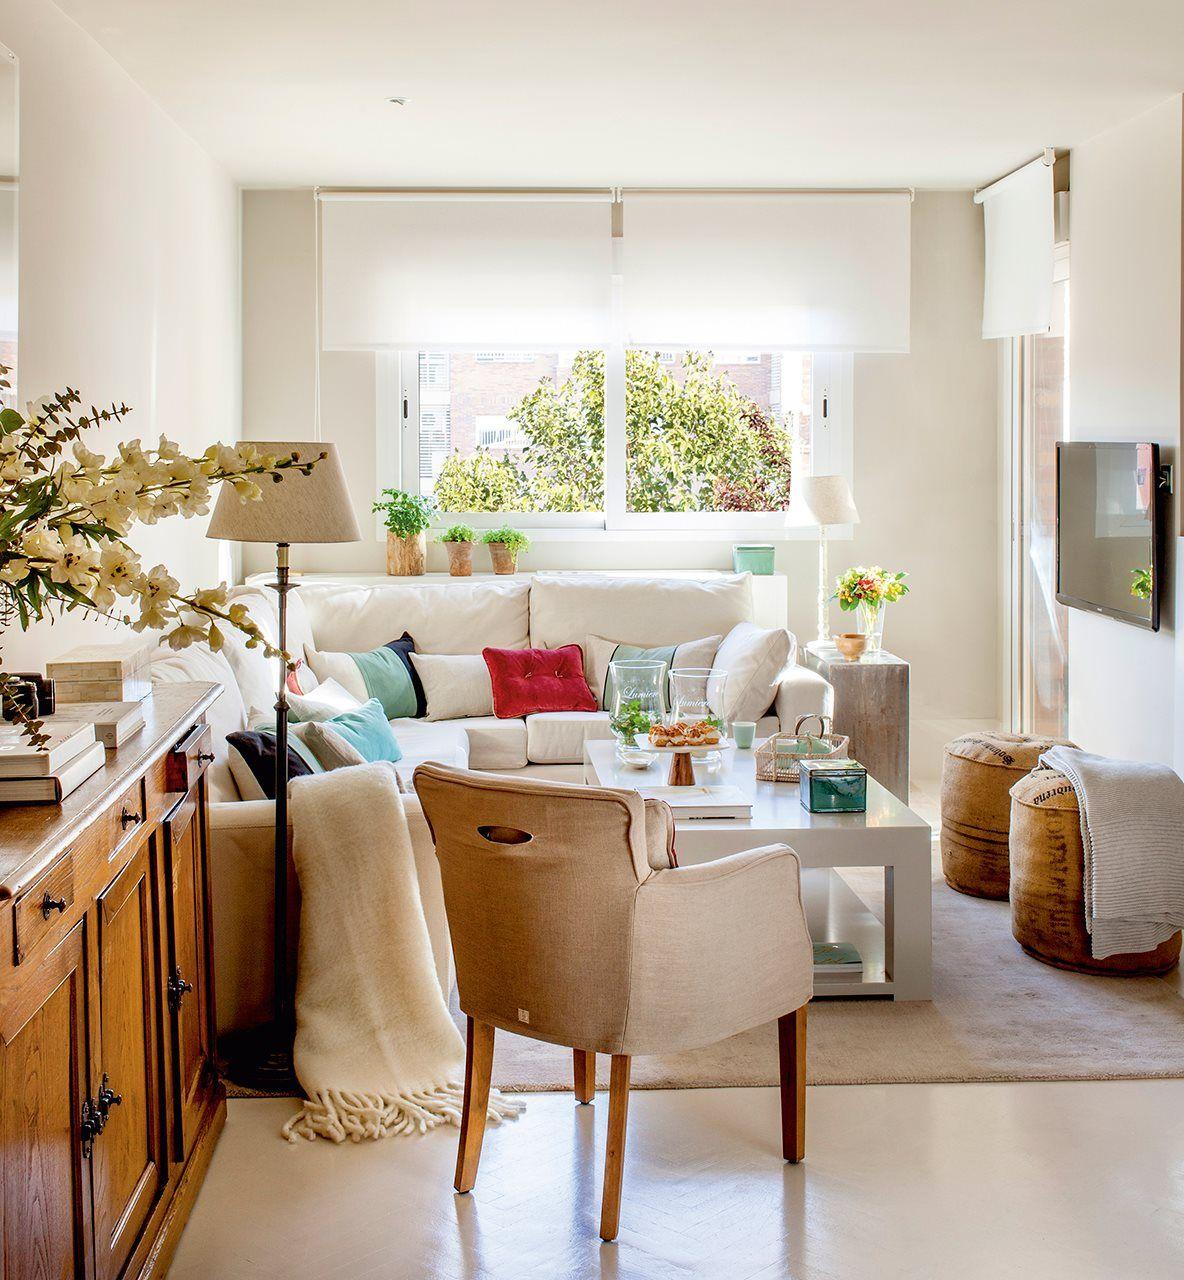 10 salones peque os con ideas geniales small space - Ideas salones pequenos ...